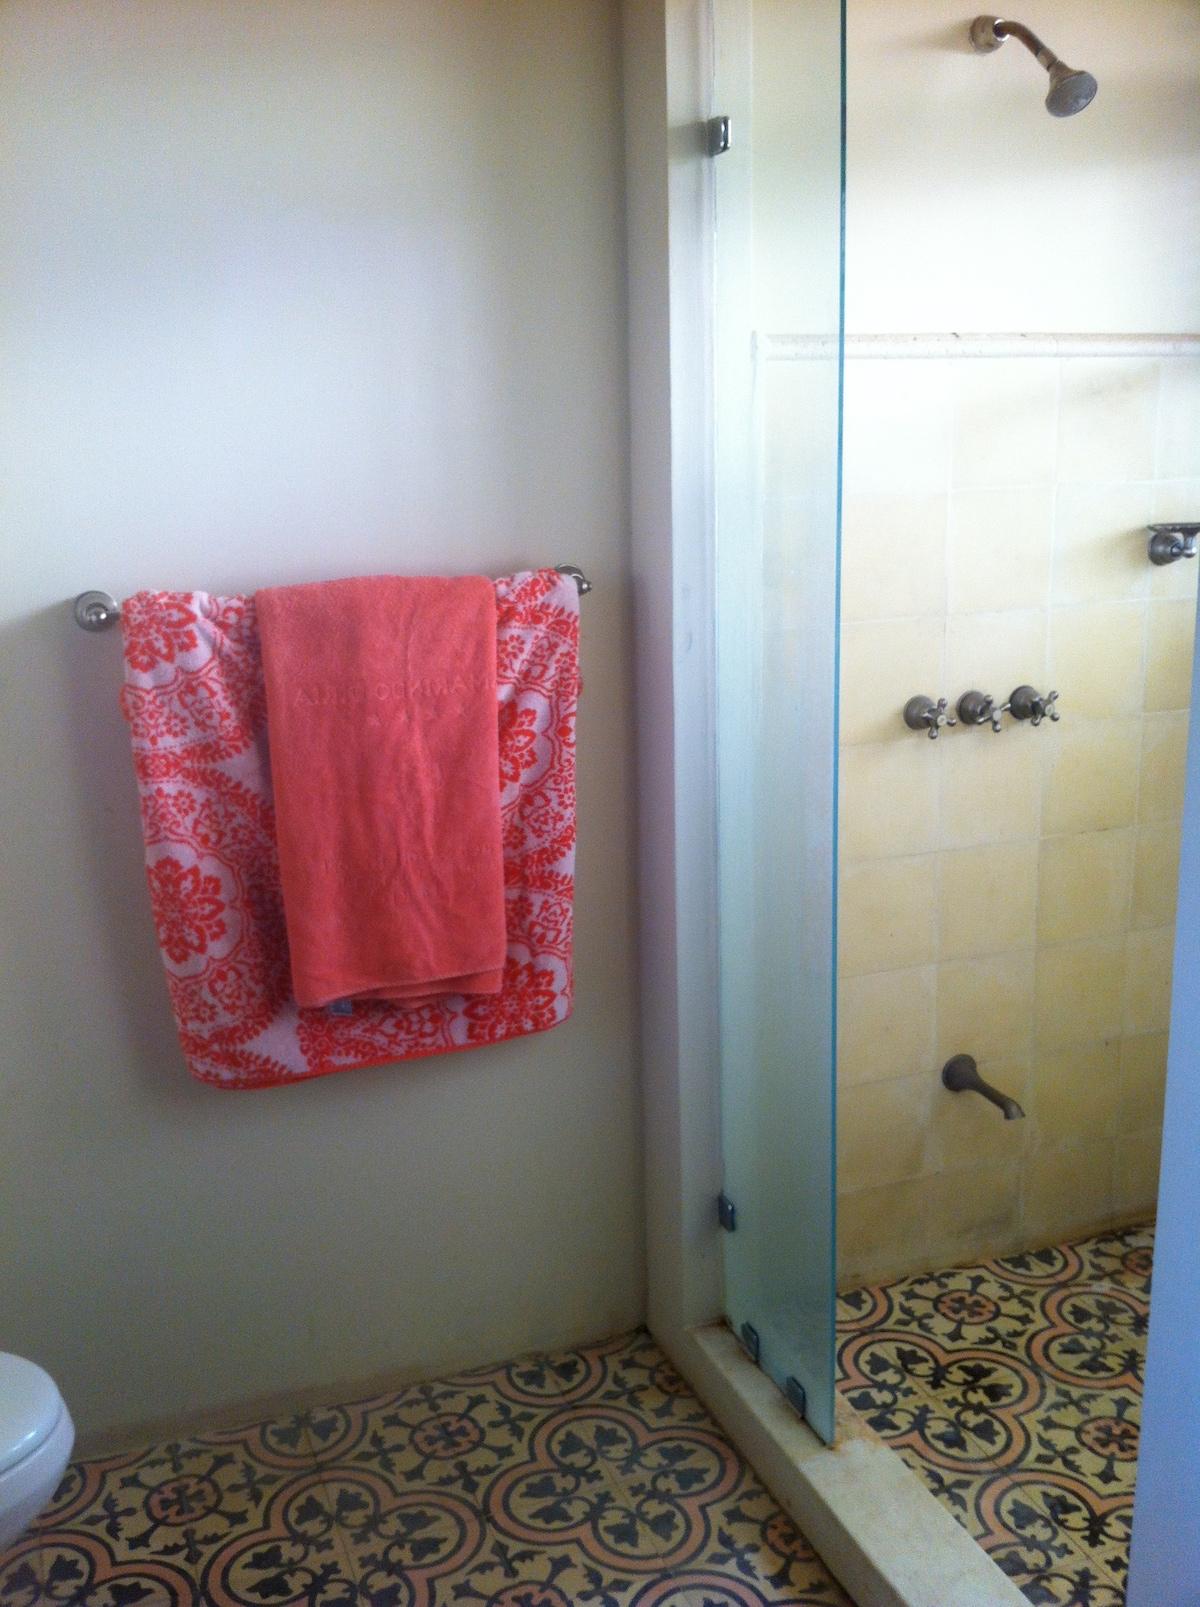 Spanish tile in your bathroom